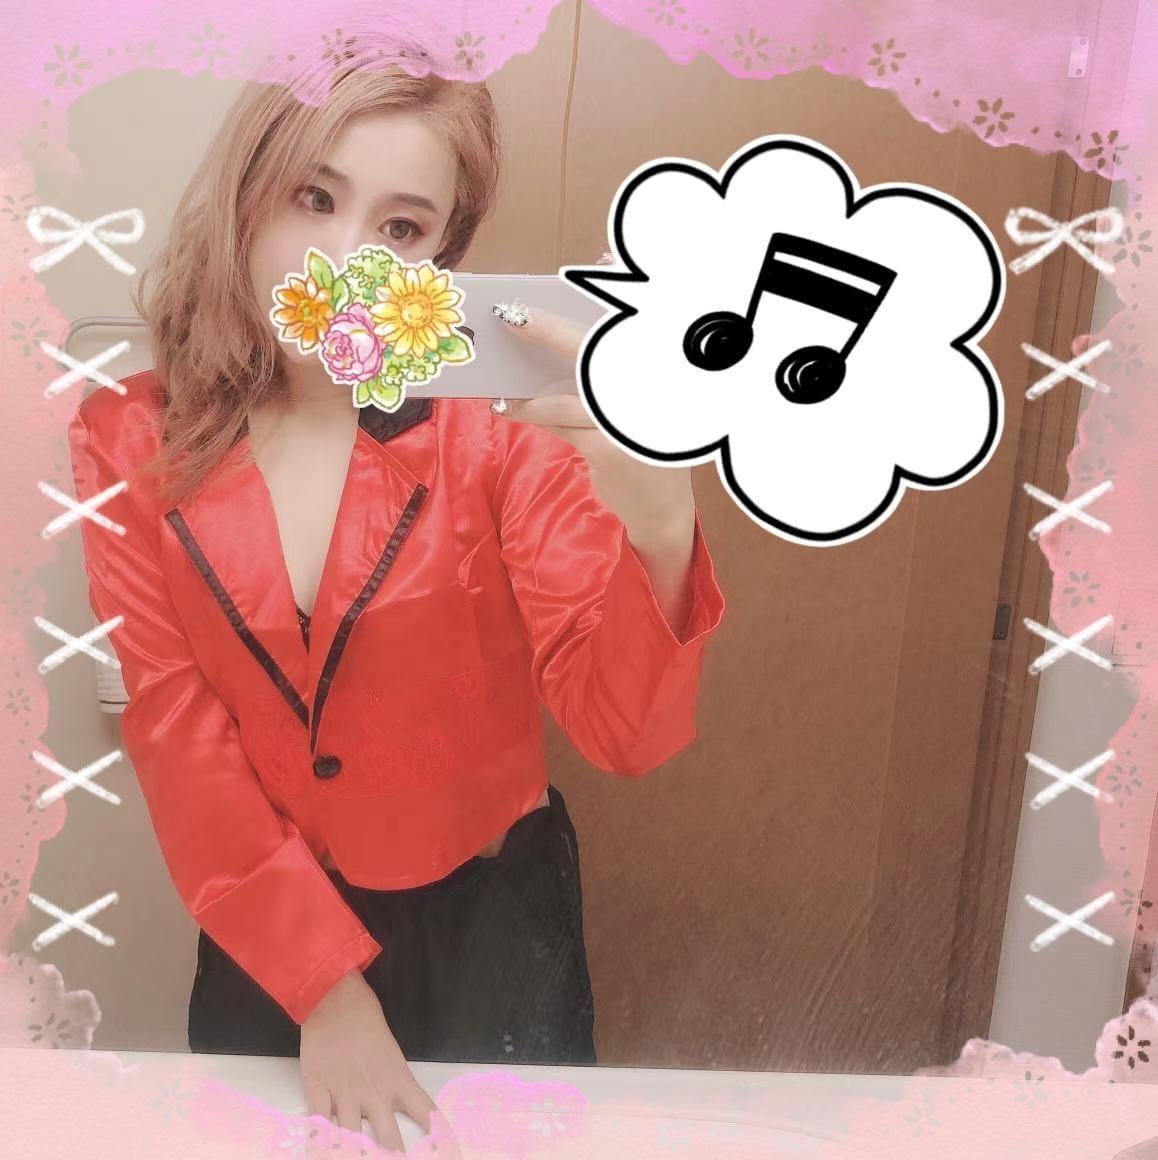 「18日まで自宅警備員します!」04/14(04/14) 18:12   ニアの写メ・風俗動画